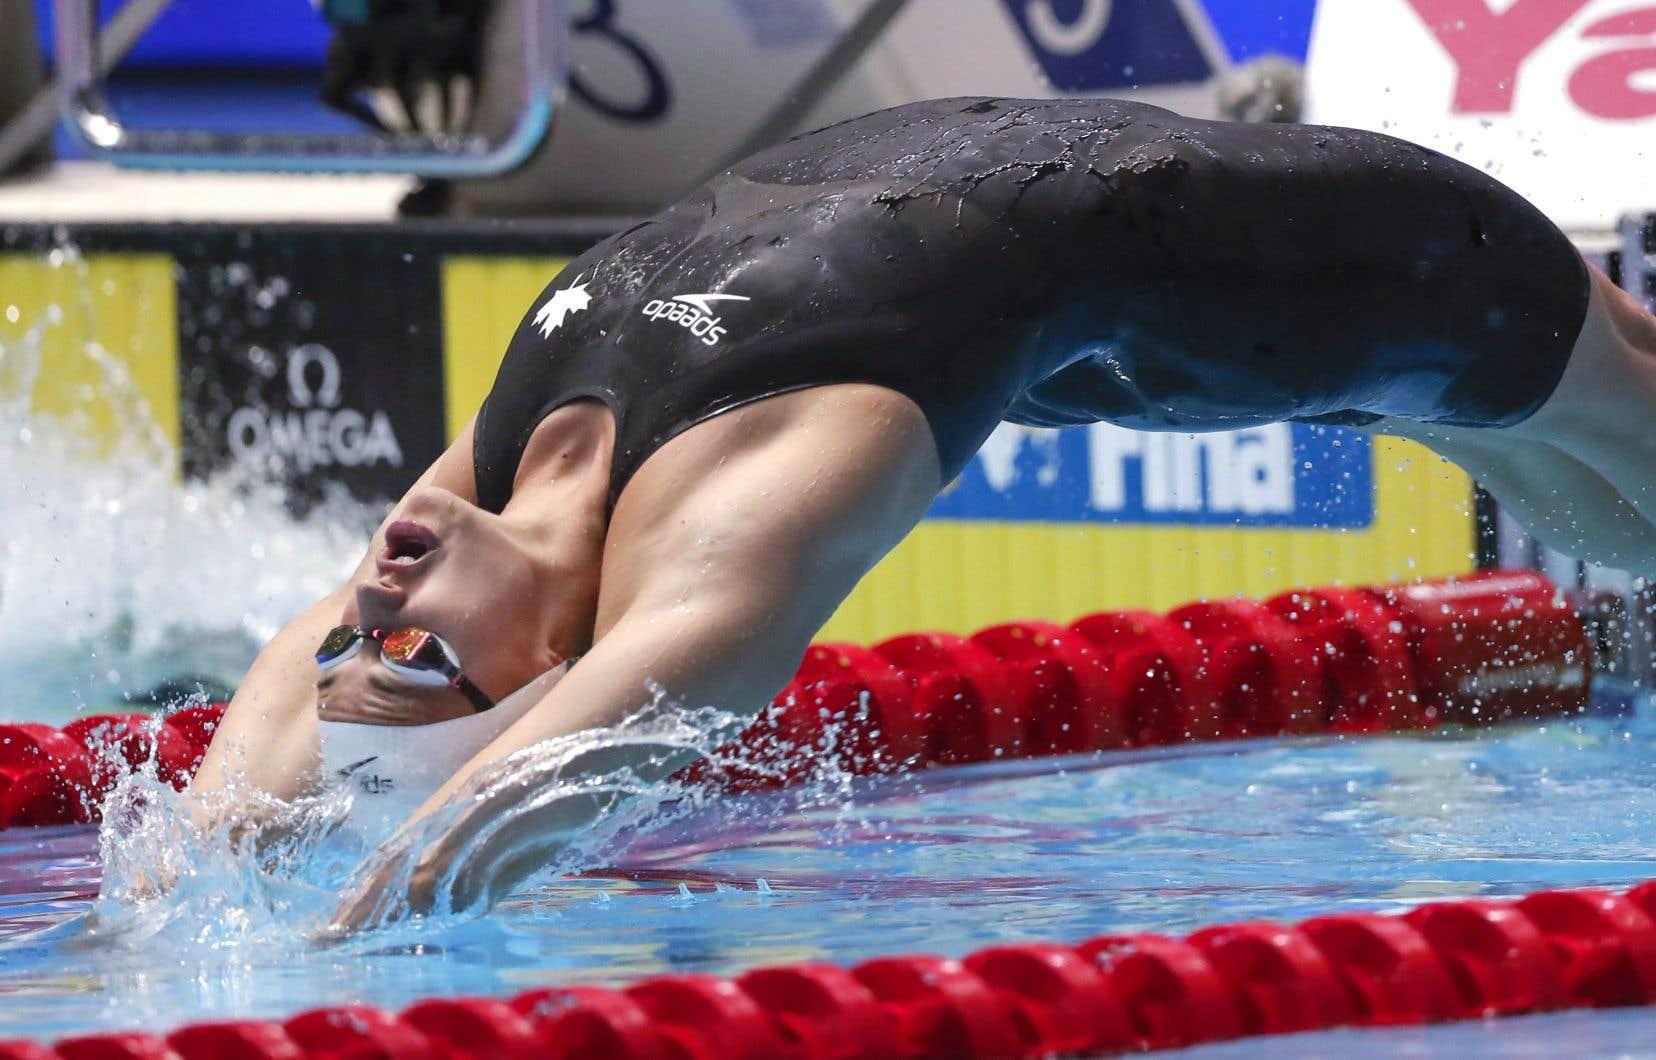 L'Ontarienne Kylie Masse a devancé sa plus proche adversaire d'un quart de seconde au 100m dos.